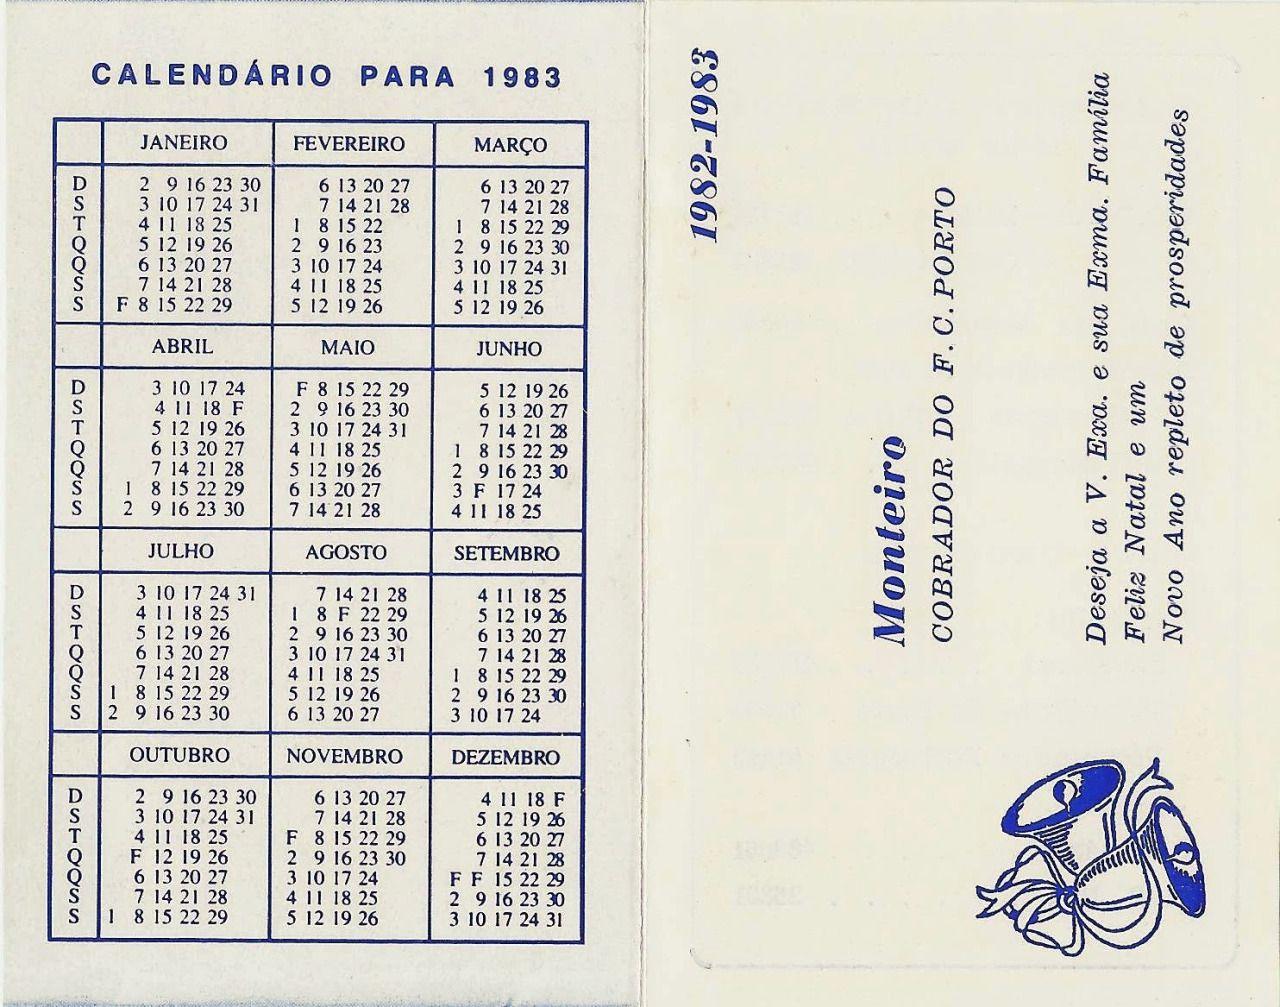 Calendário 1983